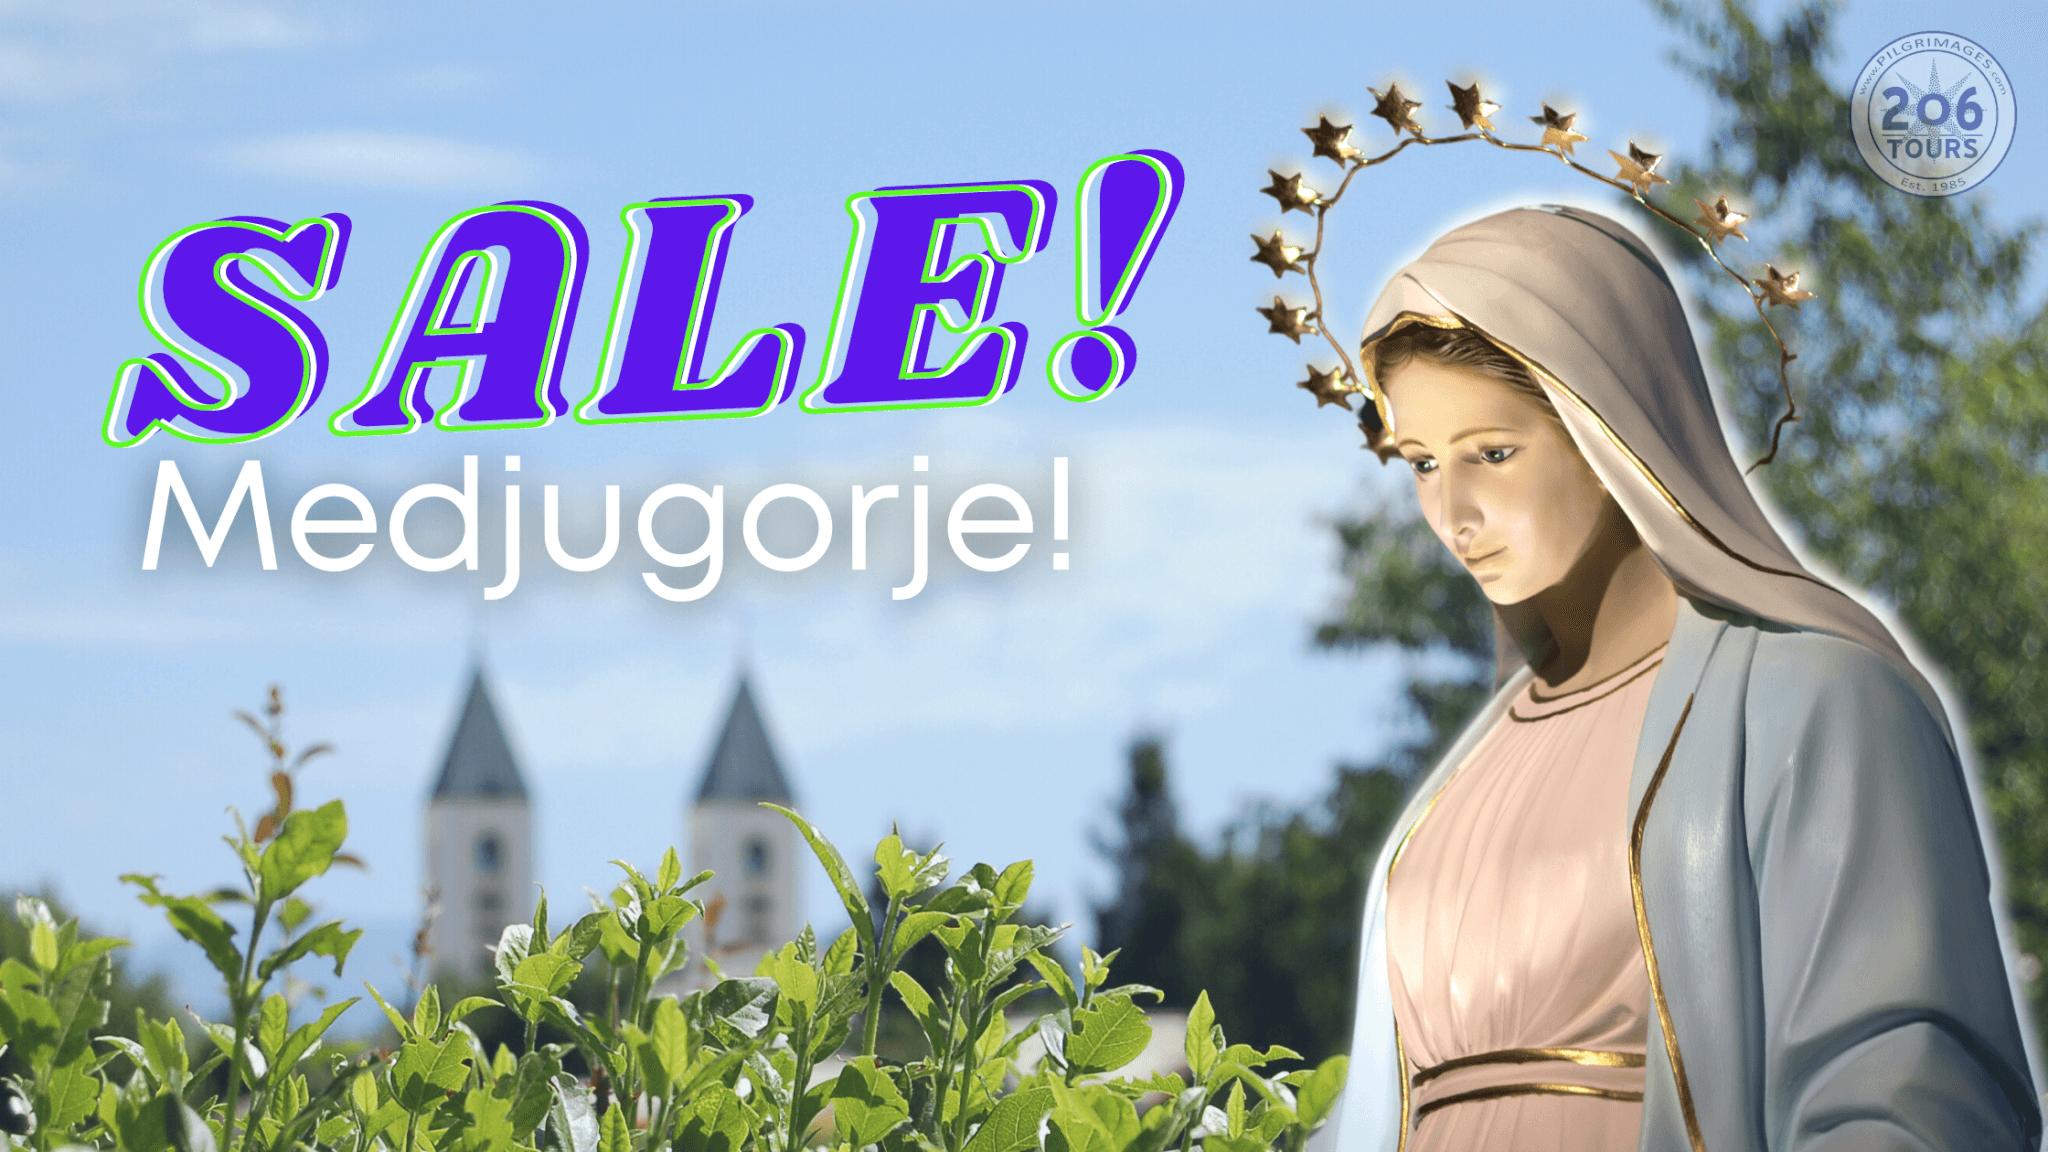 Medjugorje Pilgrimage Sale